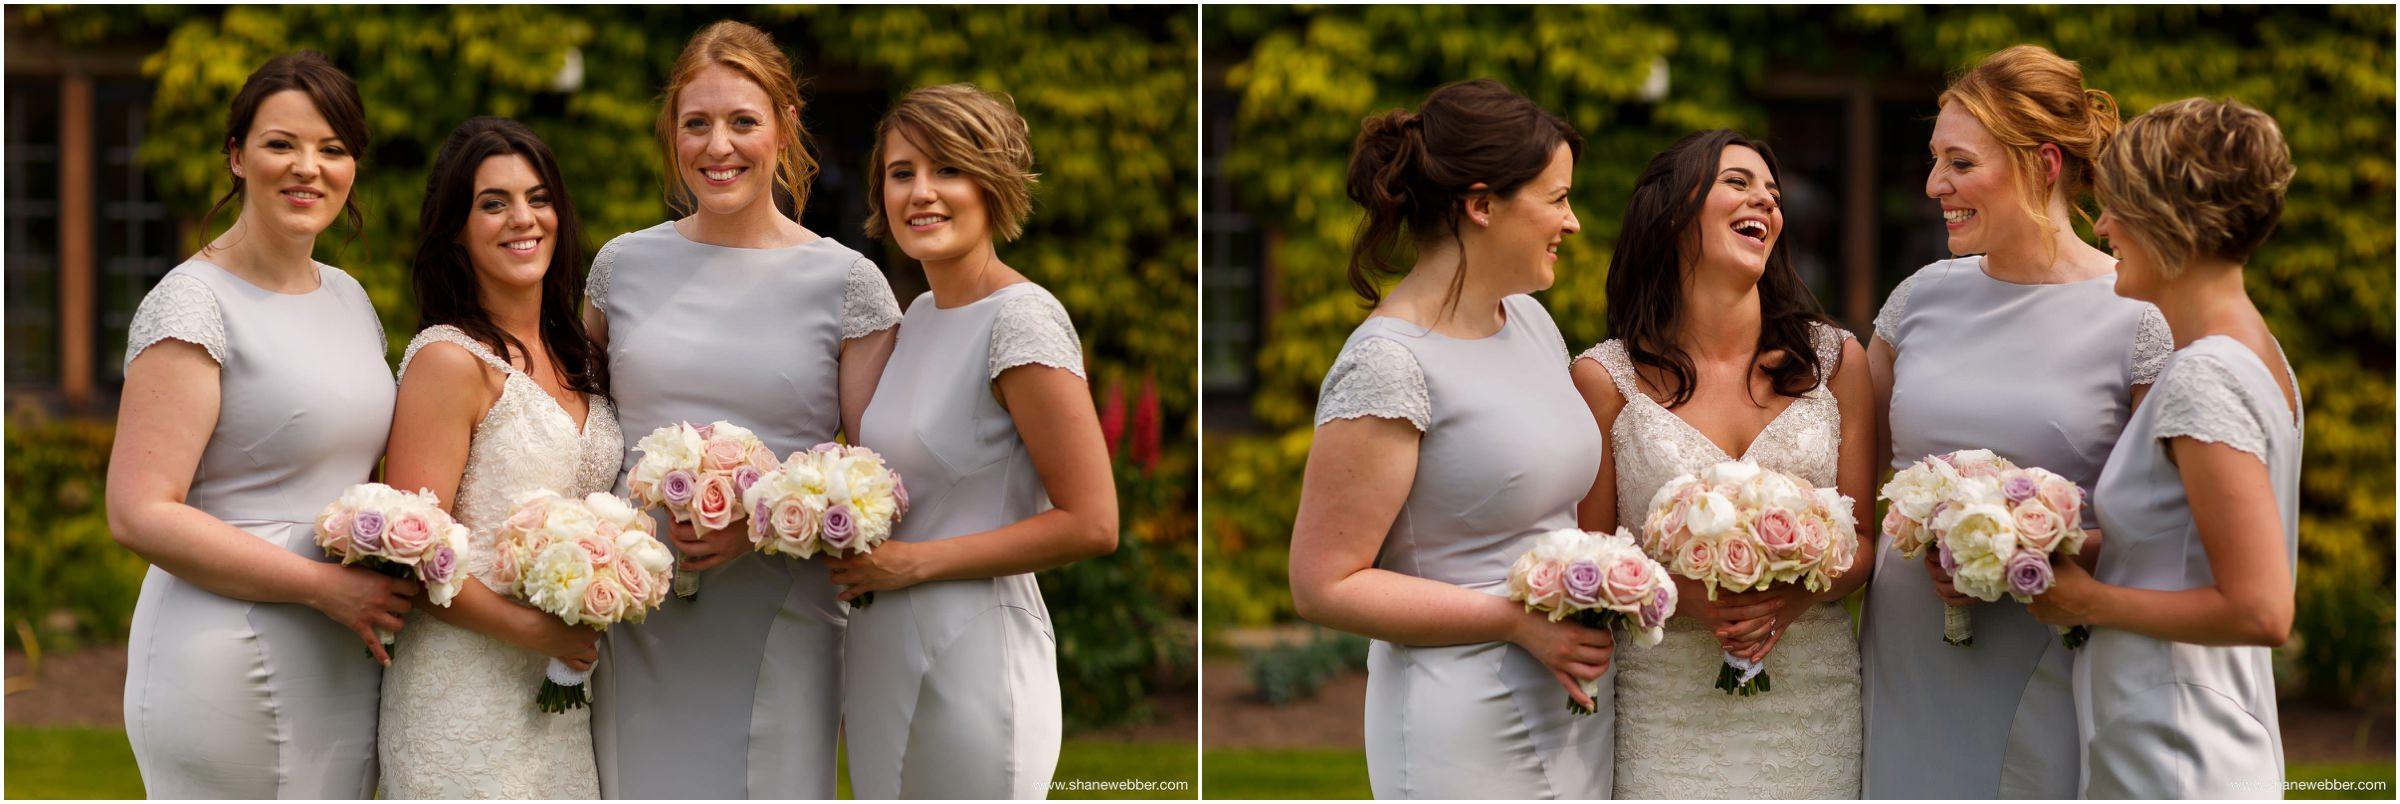 Natural photo of bride and bridesmaids